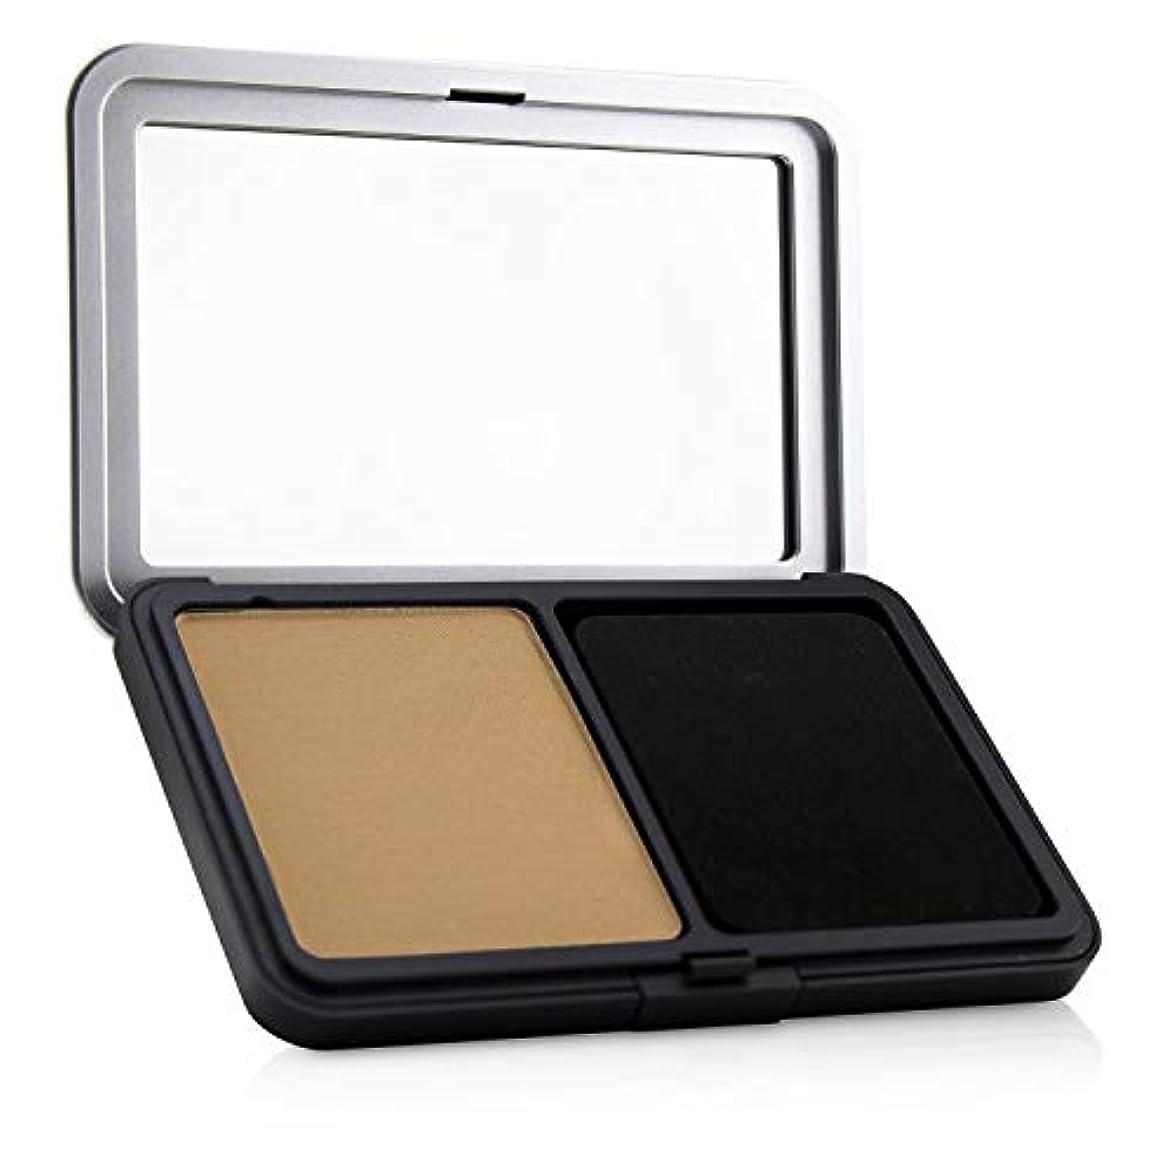 またね普通にスパークメイクアップフォーエバー Matte Velvet Skin Blurring Powder Foundation - # Y335 (Dark Sand) 11g/0.38oz並行輸入品